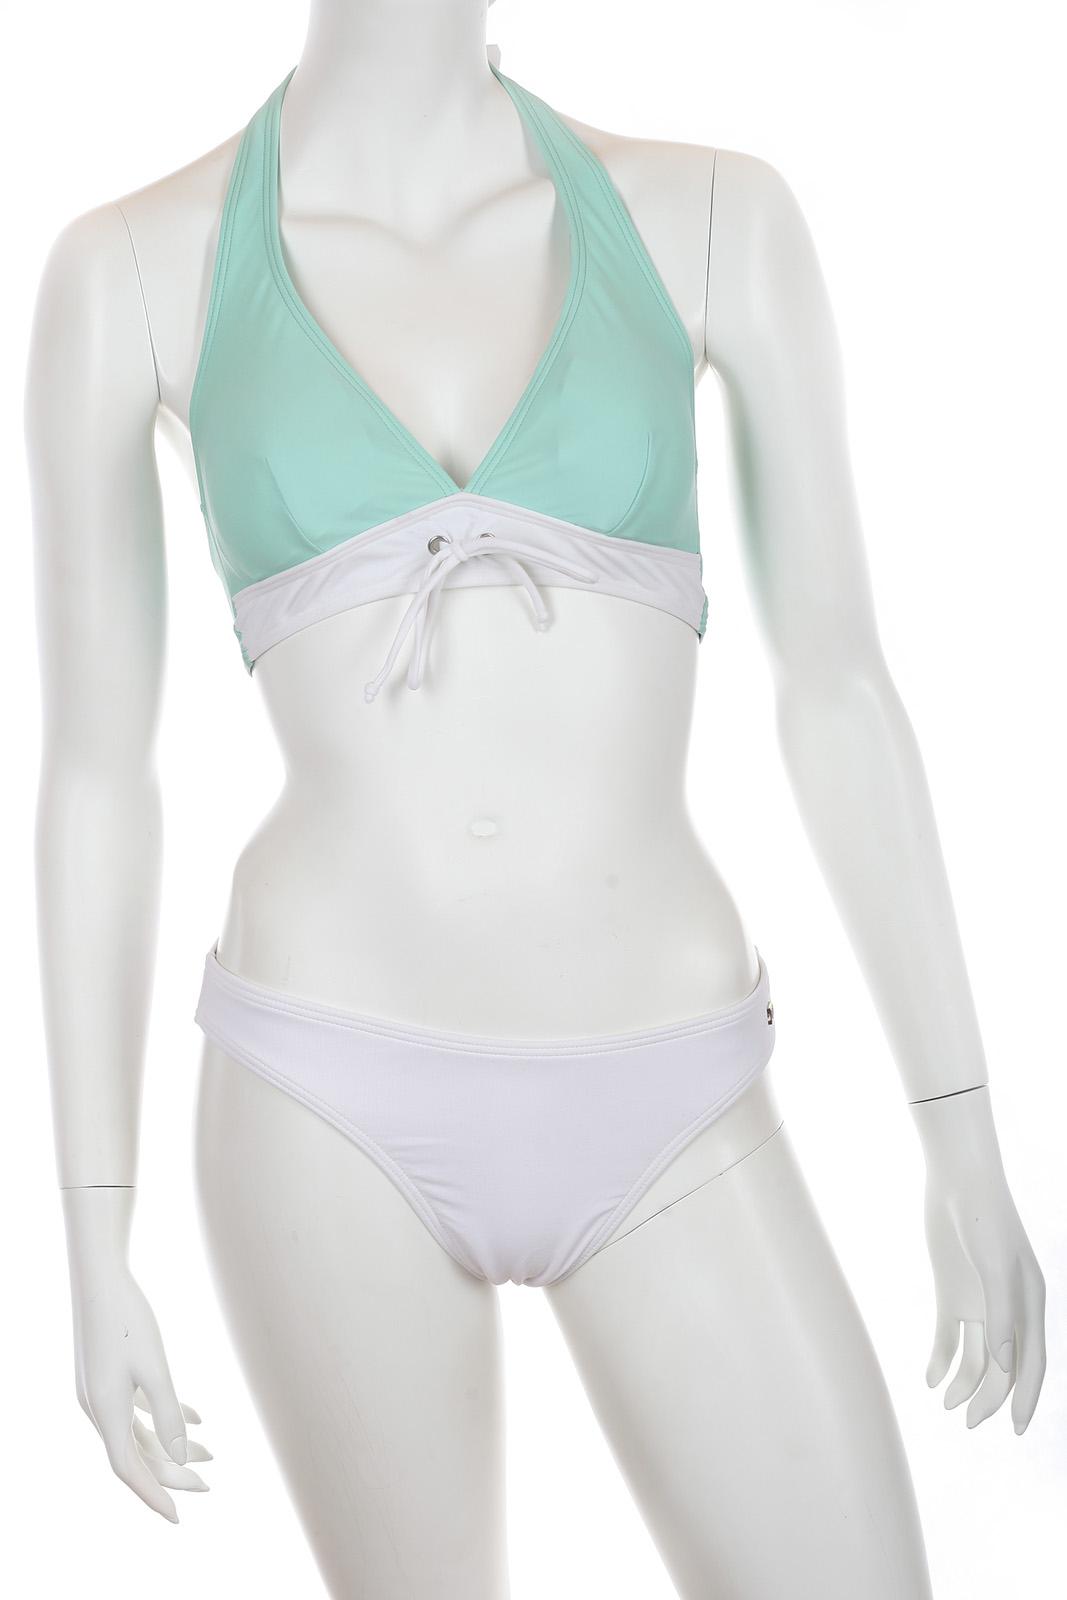 Бело-зеленый купальник Jette.